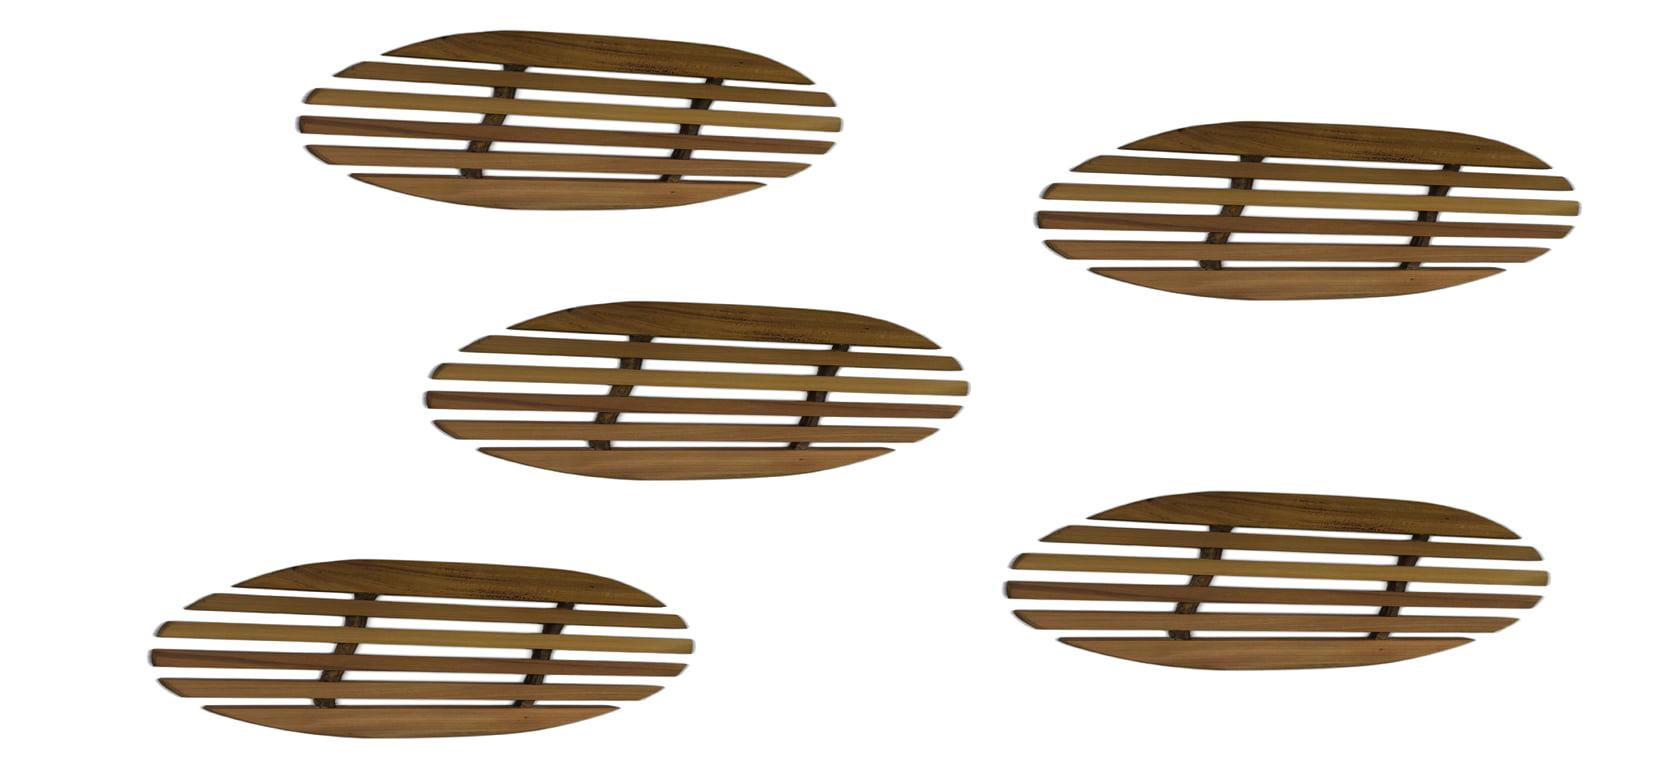 Suporte de madeira  para panelas,grelhas e formas